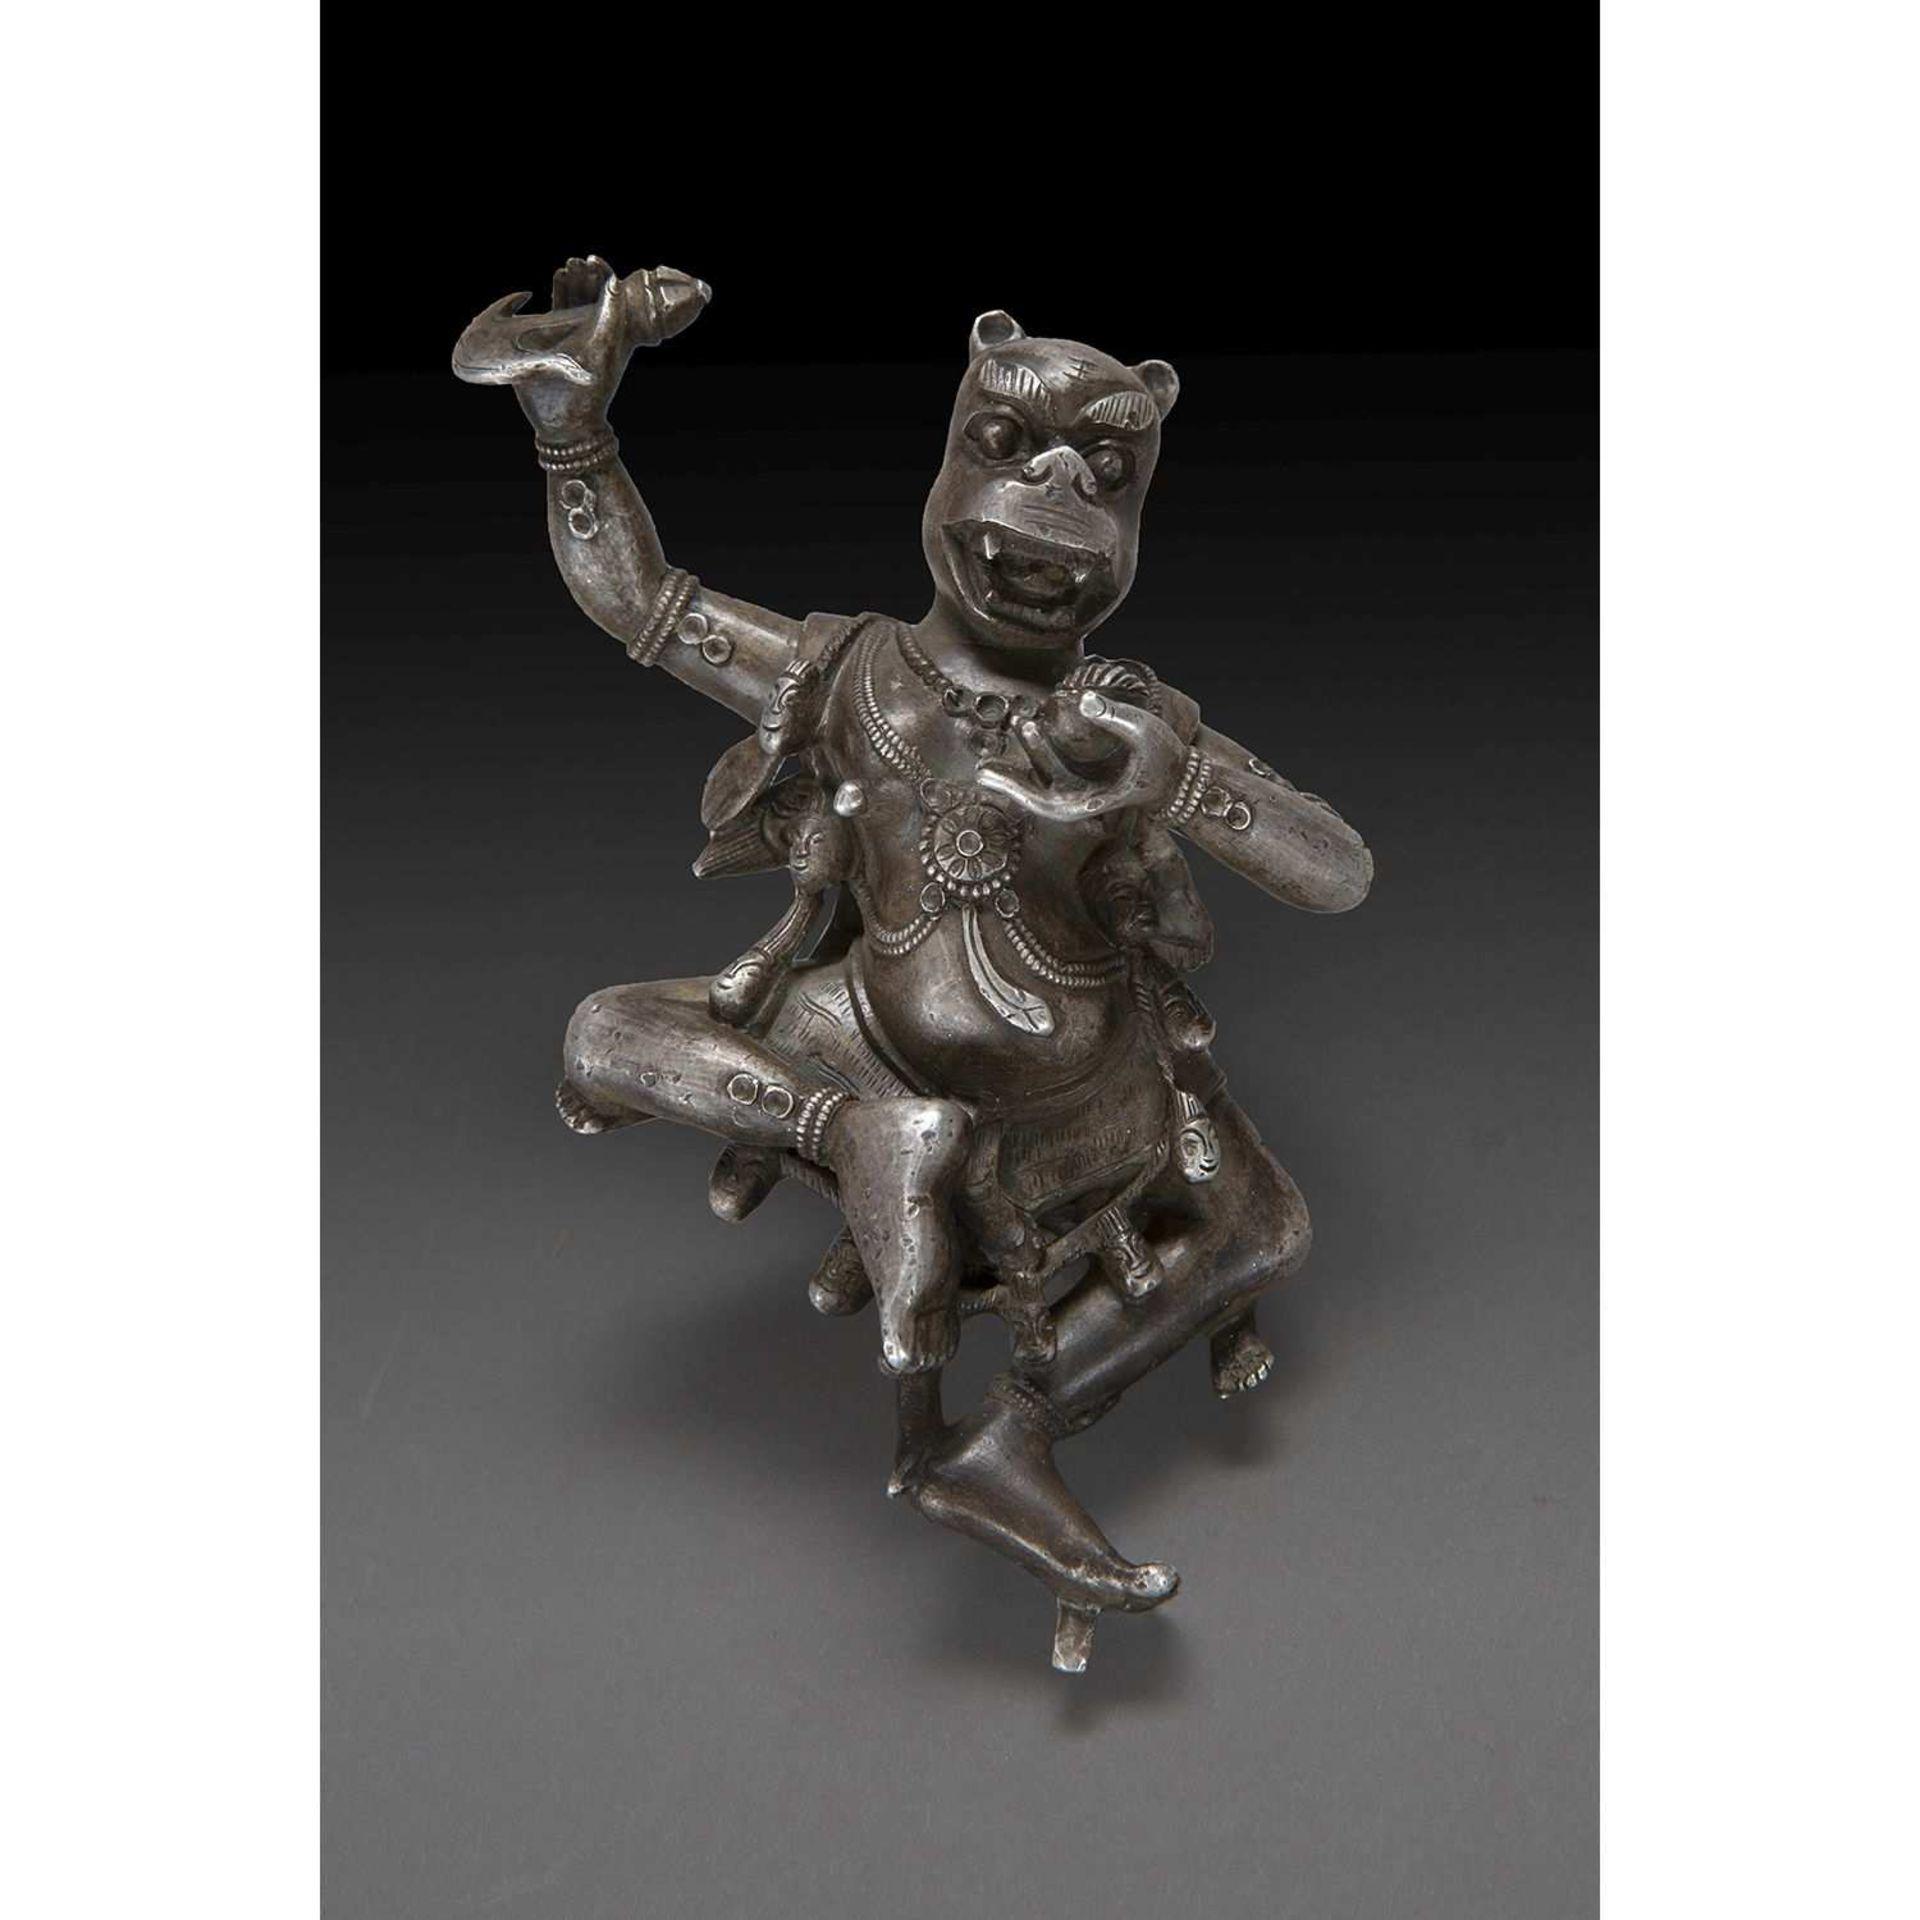 STATUETTE D'AVATAR DE SAMATABHADRA en argent, représenté dansant, avec une tête de tigre, le corps